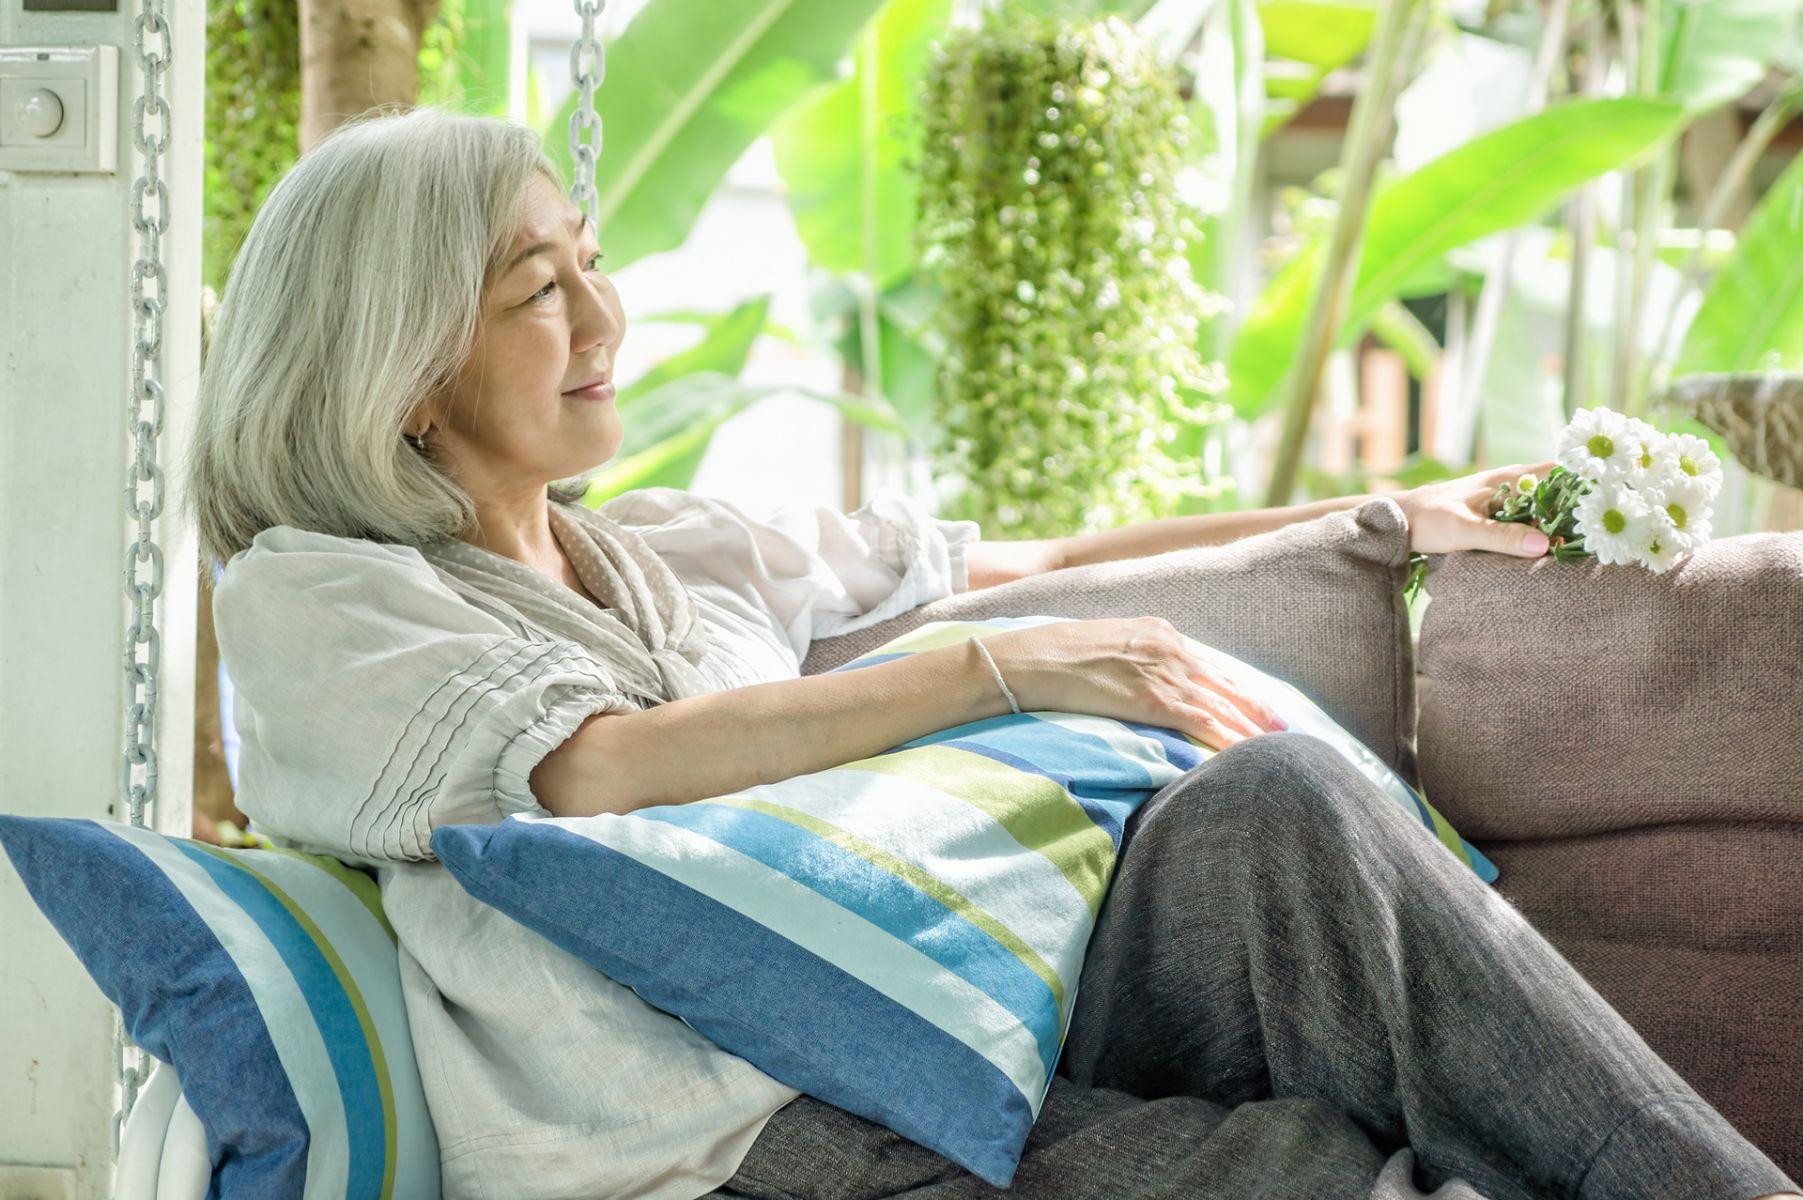 百歲阿嬤醫師的心靈雞湯:試著為他人貢獻而活下去吧!